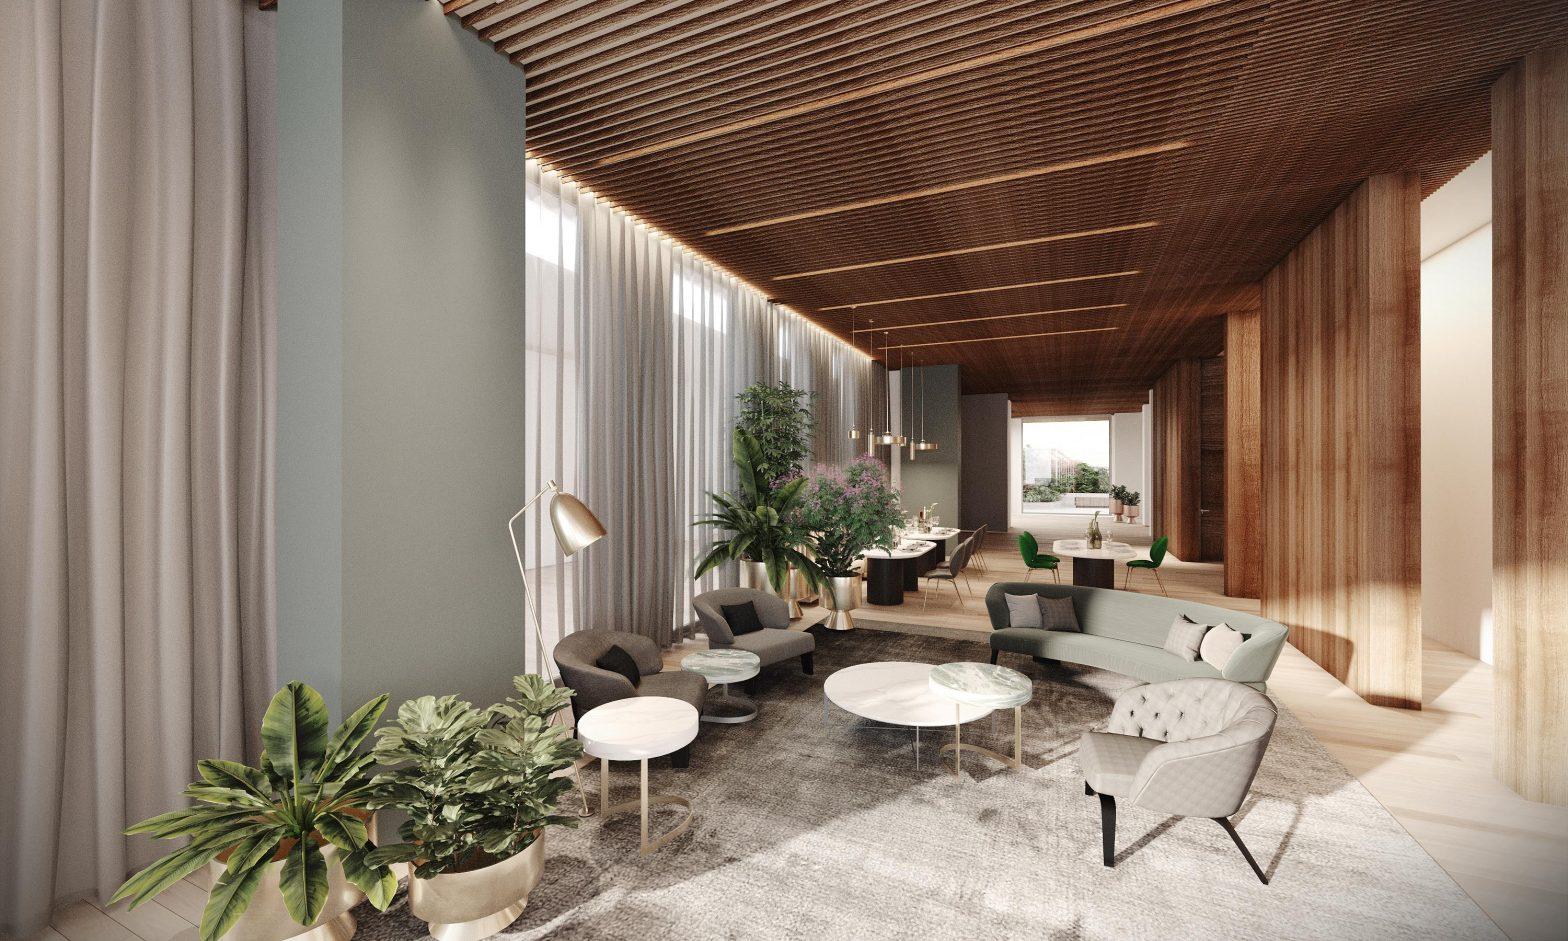 Octava Apartamentos: El Nuevo Proyecto Residencial De Bogotá Donde Todos Quieren Vivir